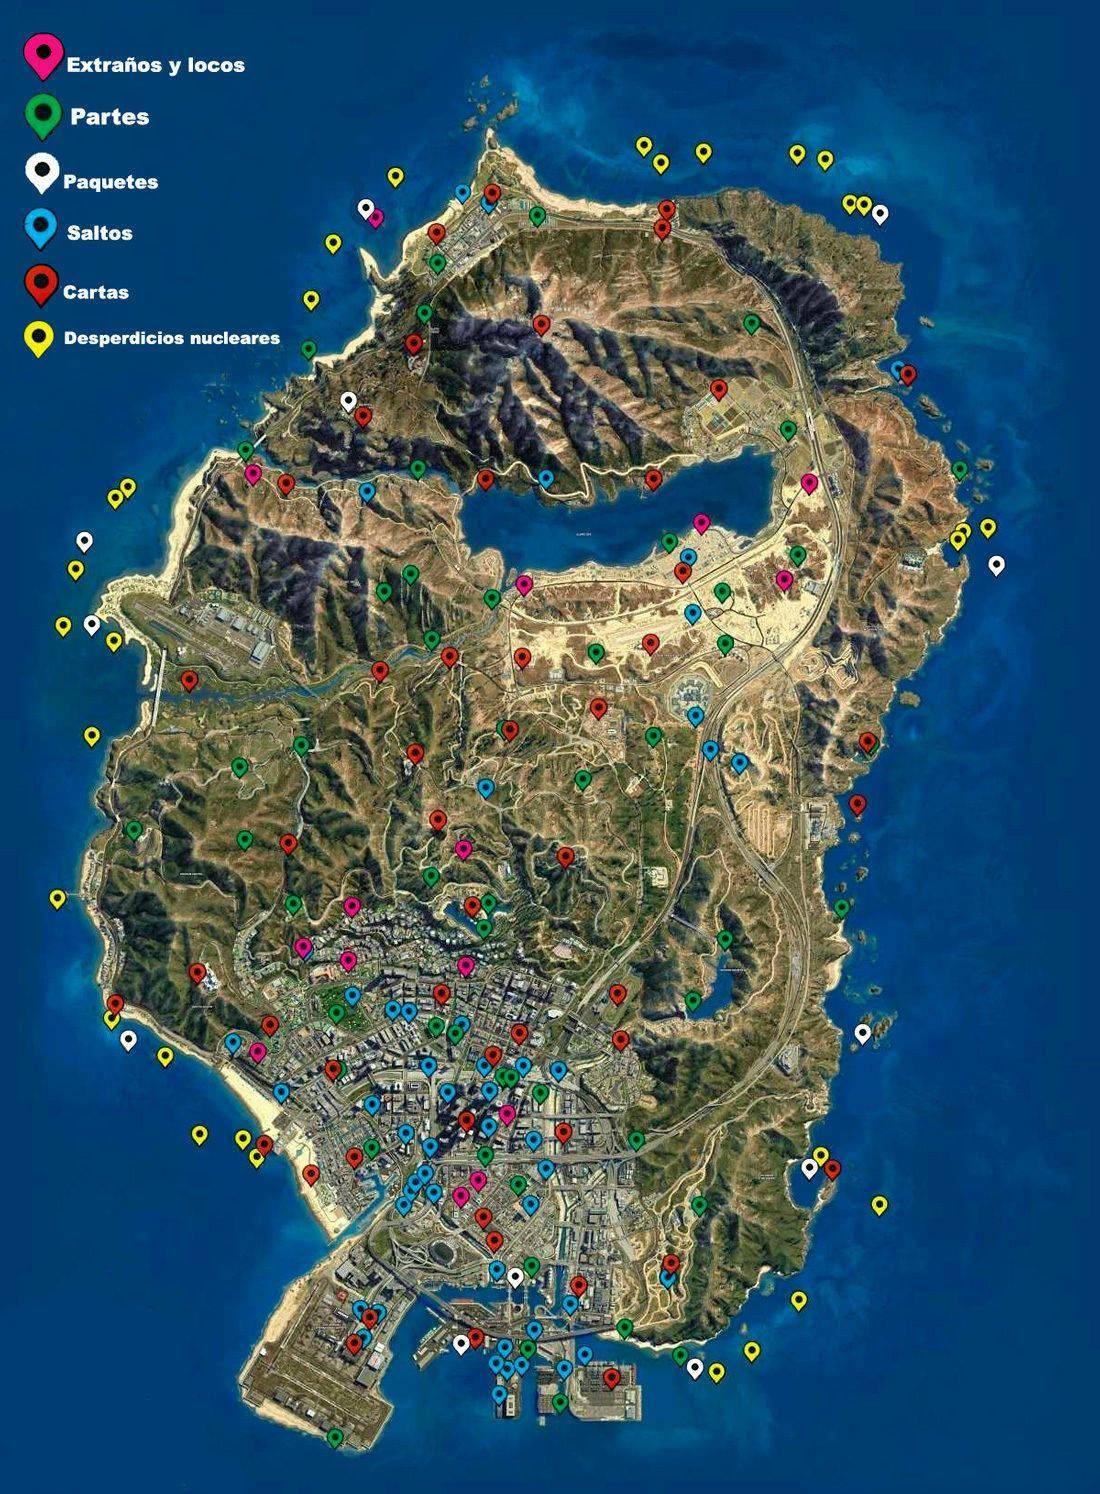 Mapa De Coleccionables En Gta V Trucos Para Gta V Trucos De Gta 5 Juegos De Gta